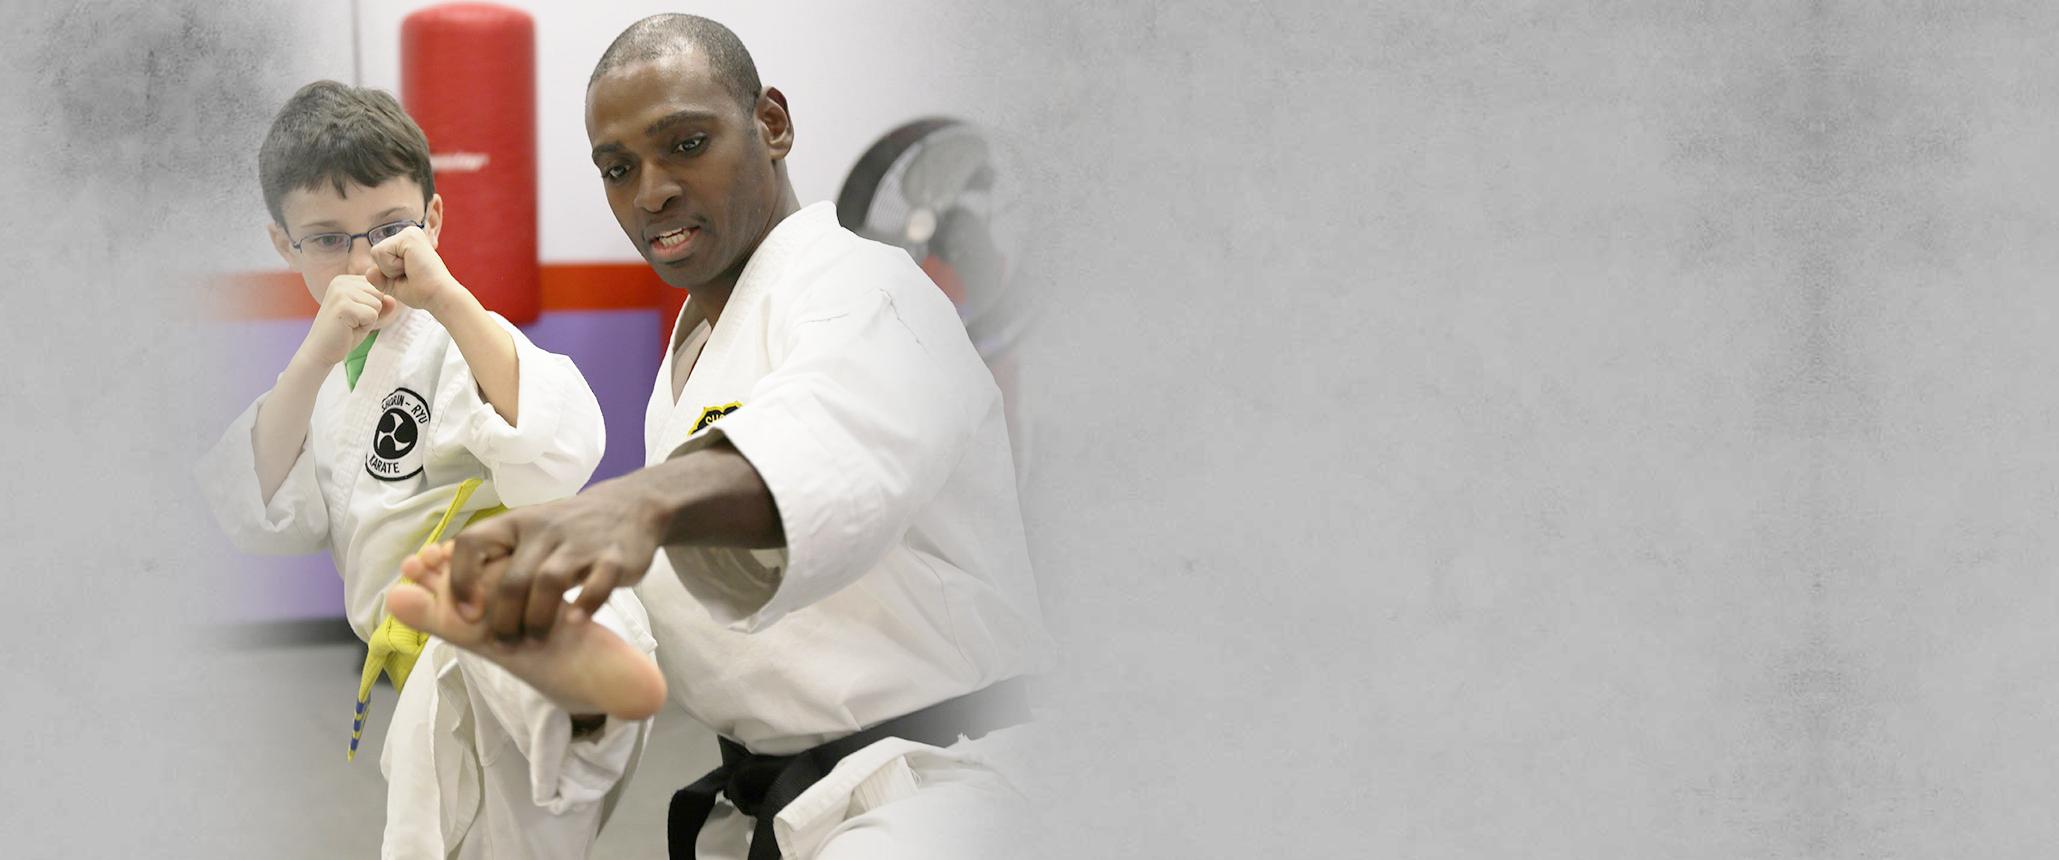 KarateSlider2